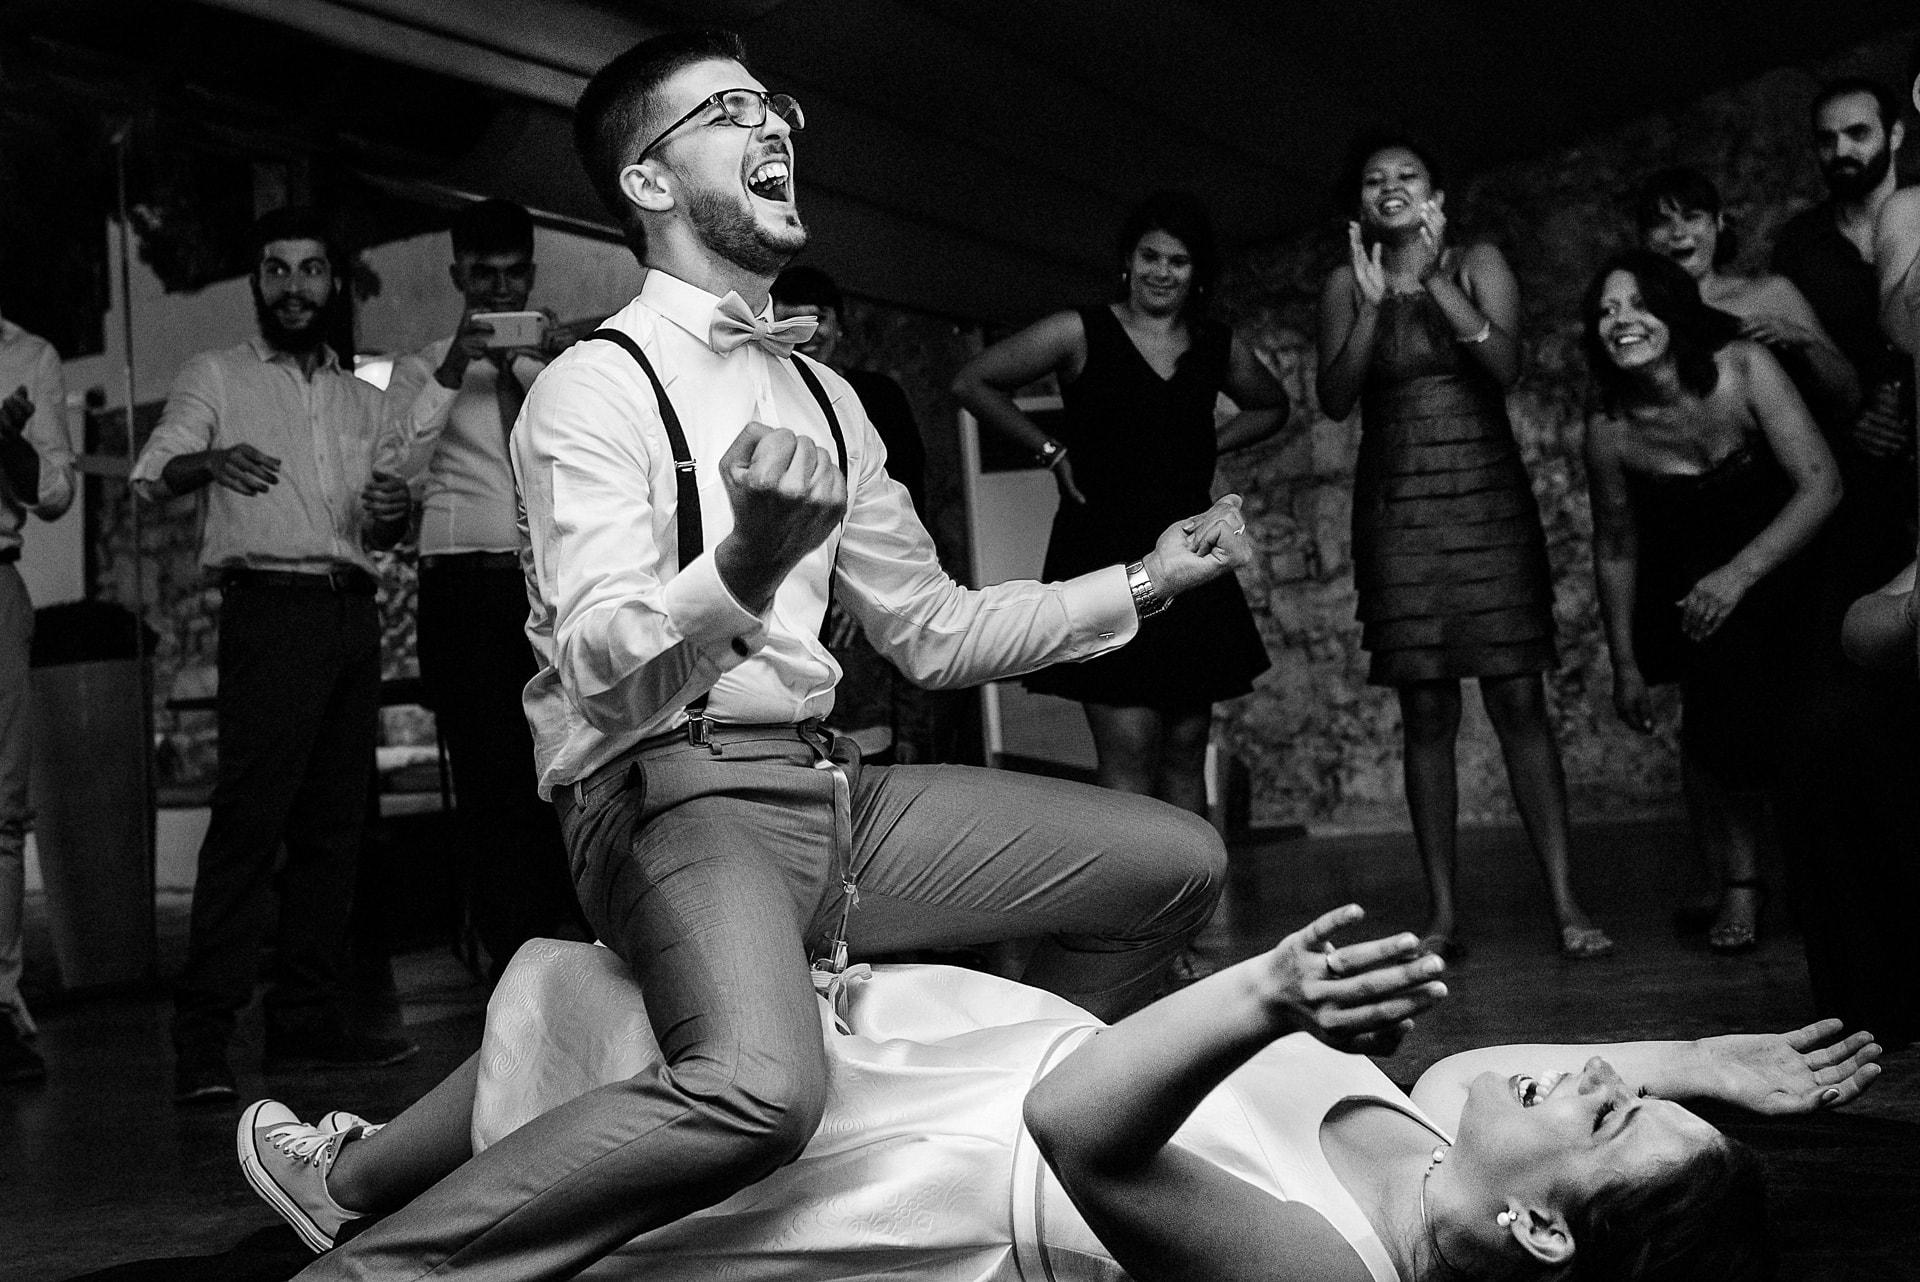 Wedding - Debora + Bruno - Alenquer - Portugal - Photo by Luis Efigénio